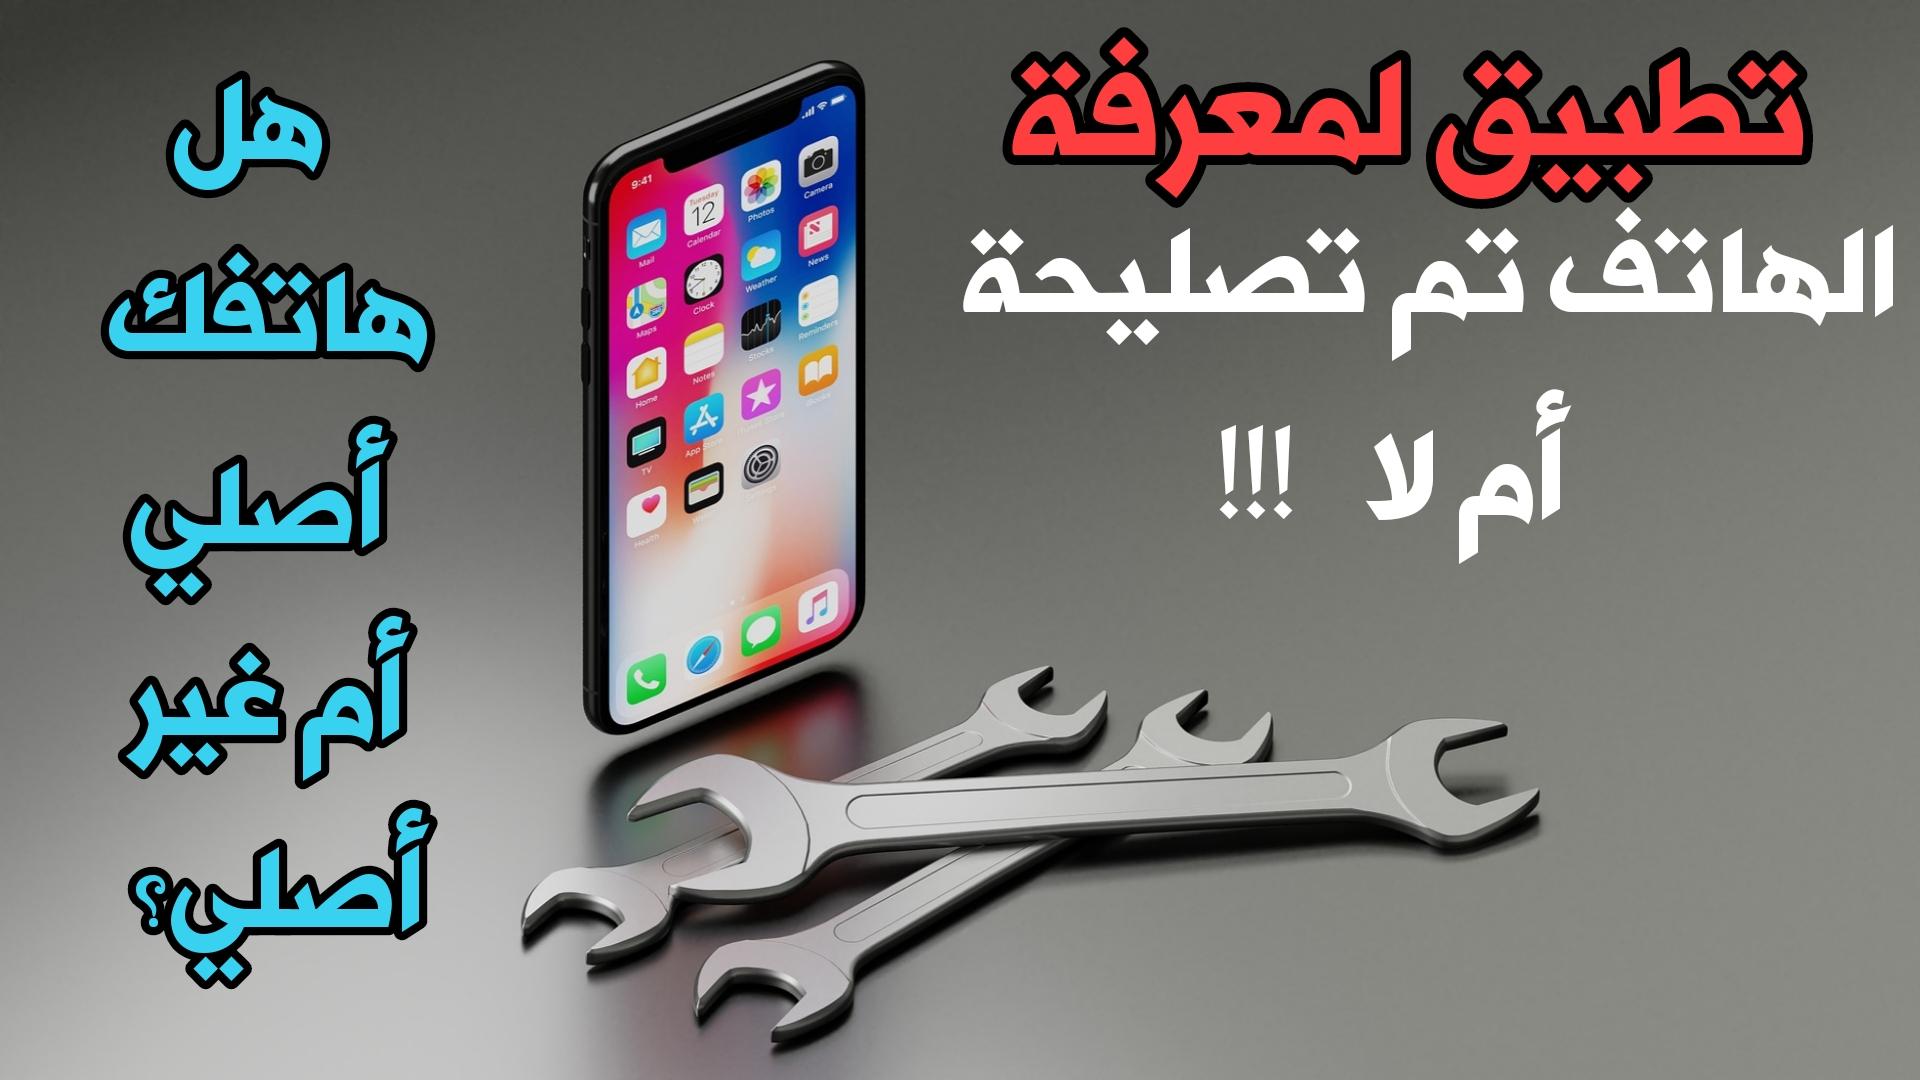 تعرف على هذة التطبيق لمعرفة الهاتف الأصلي من الغير أصلي !! وهل تم تصليحة أم لا ؟